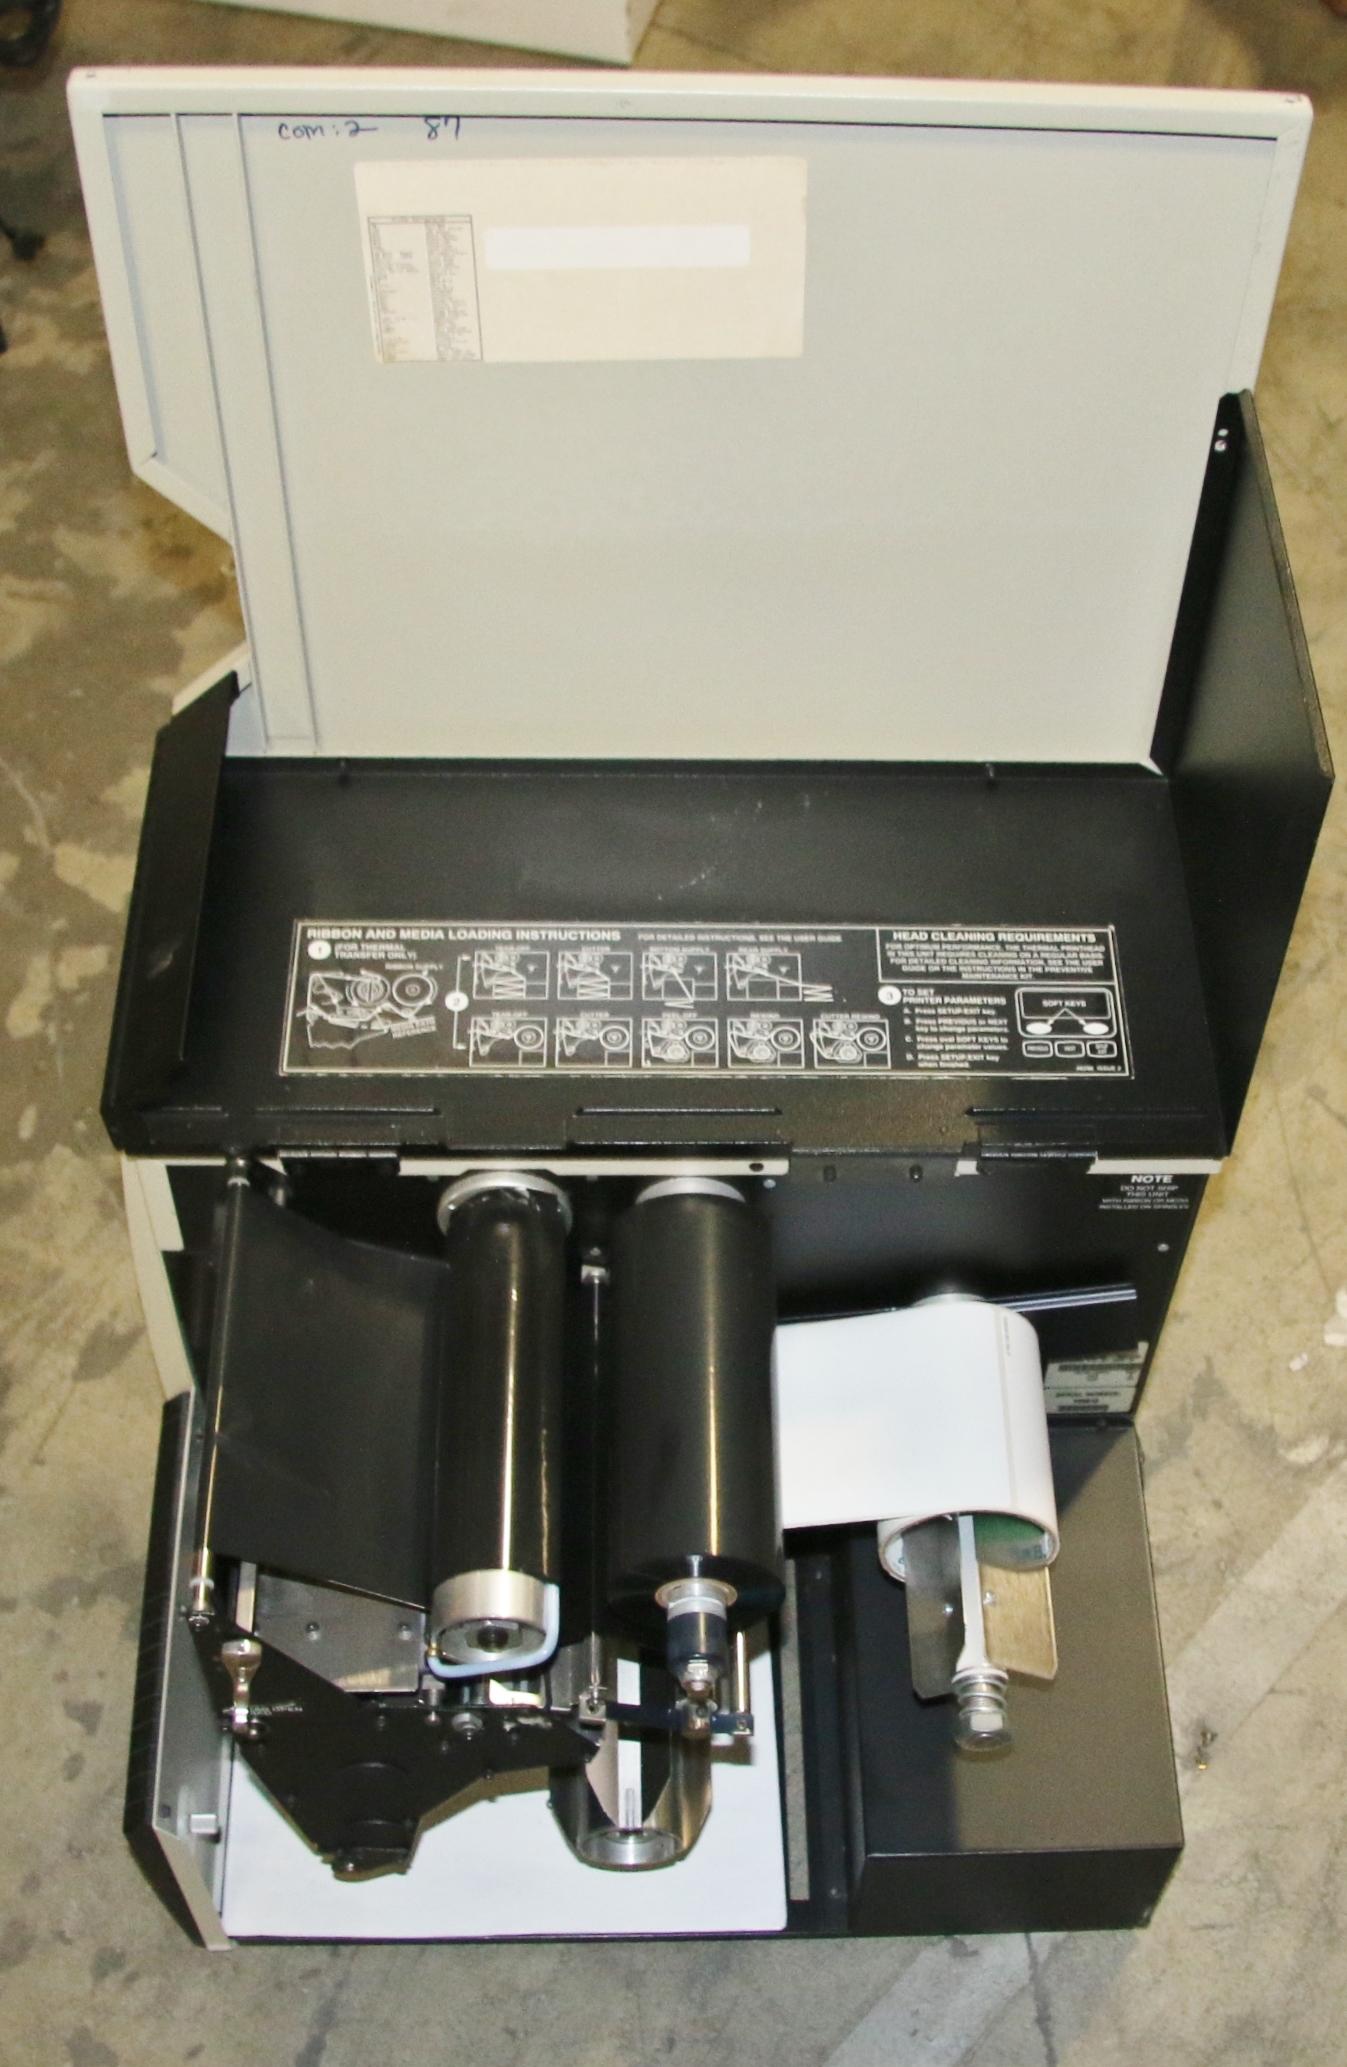 (1) Used Zebra Z170-301 Thermal Barcode Label Printer